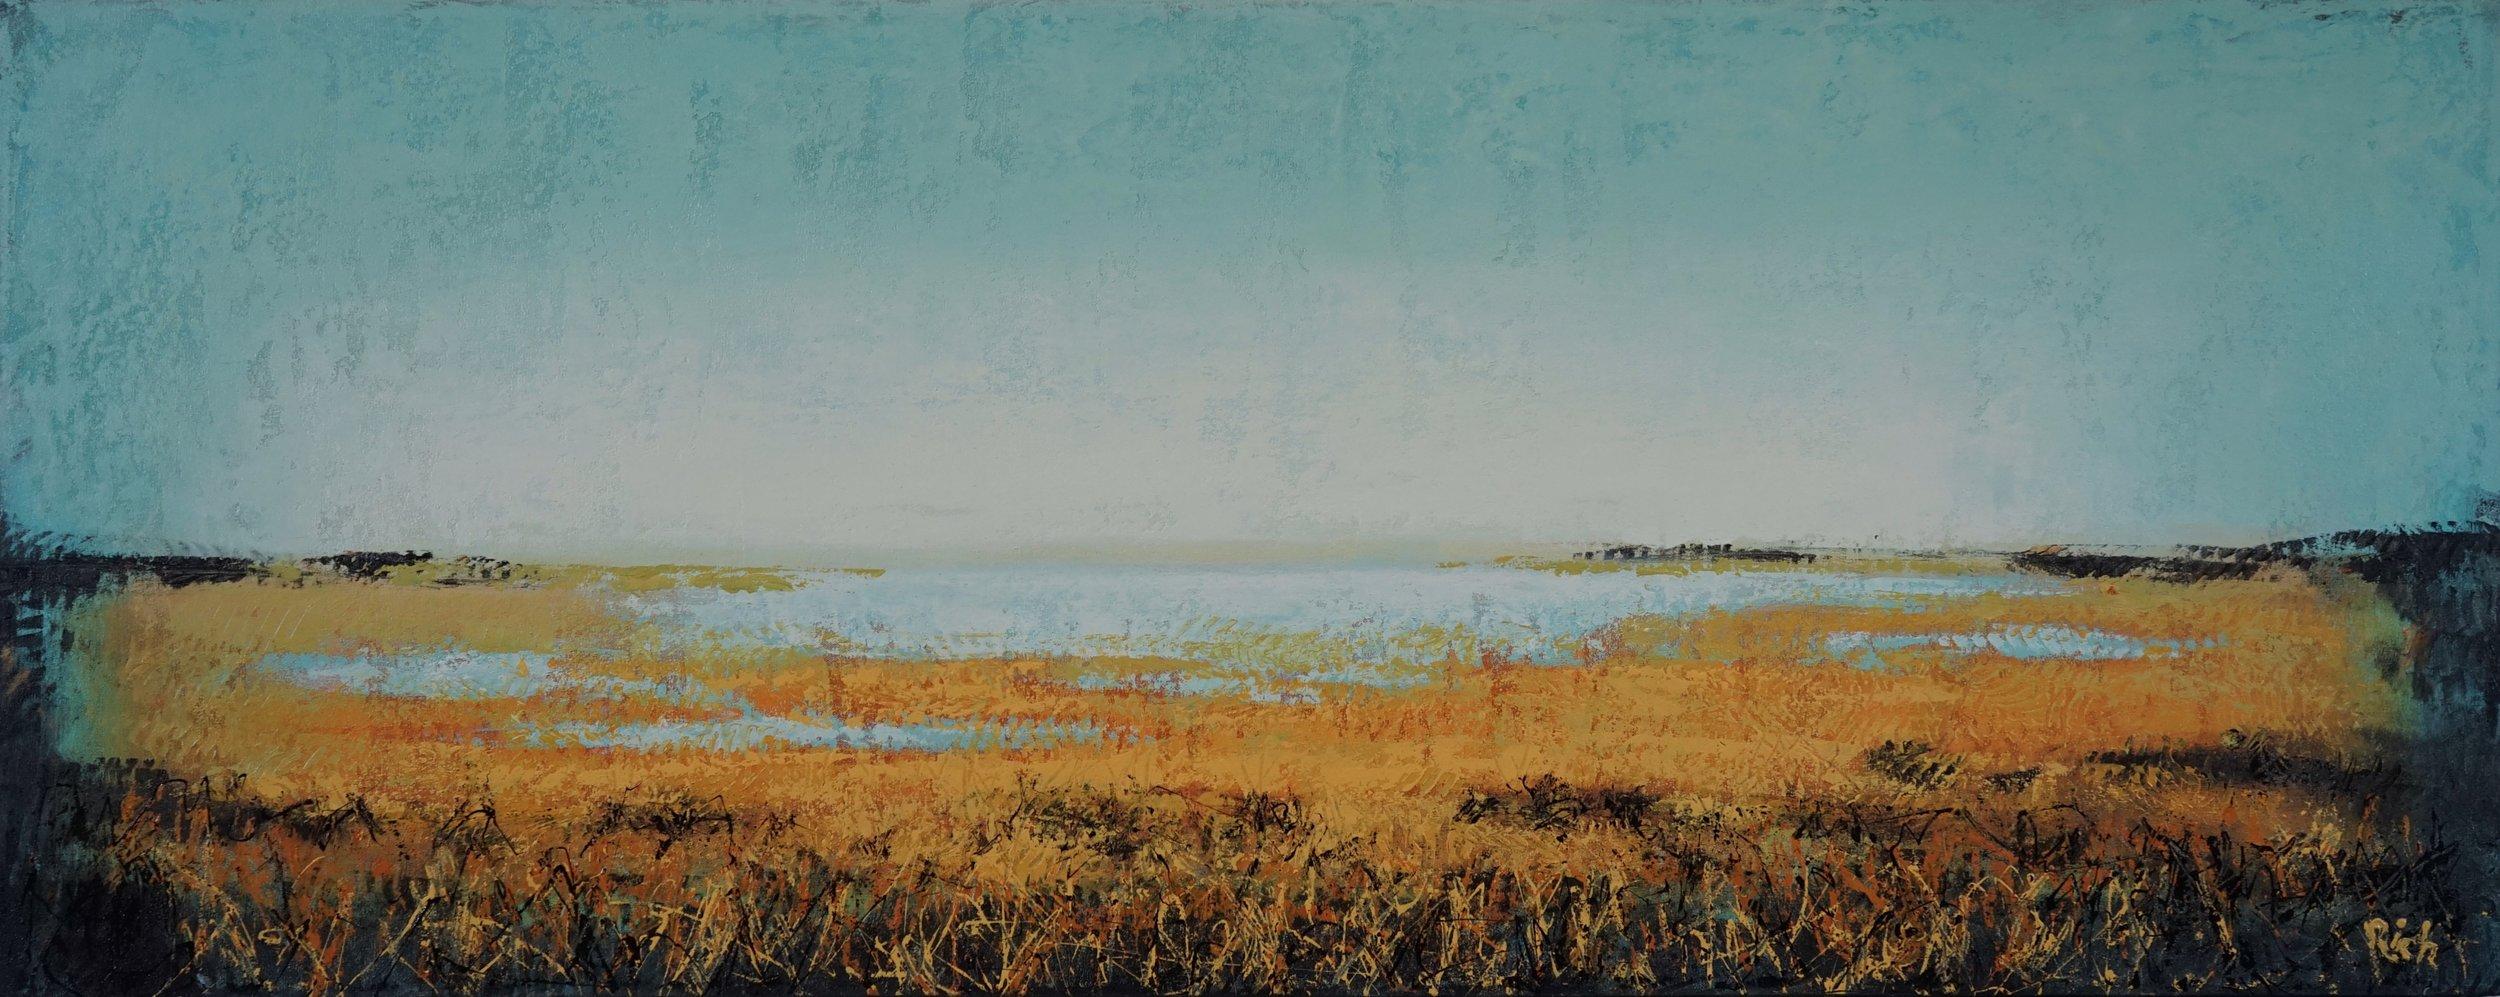 Acrylic on canvas 60x24